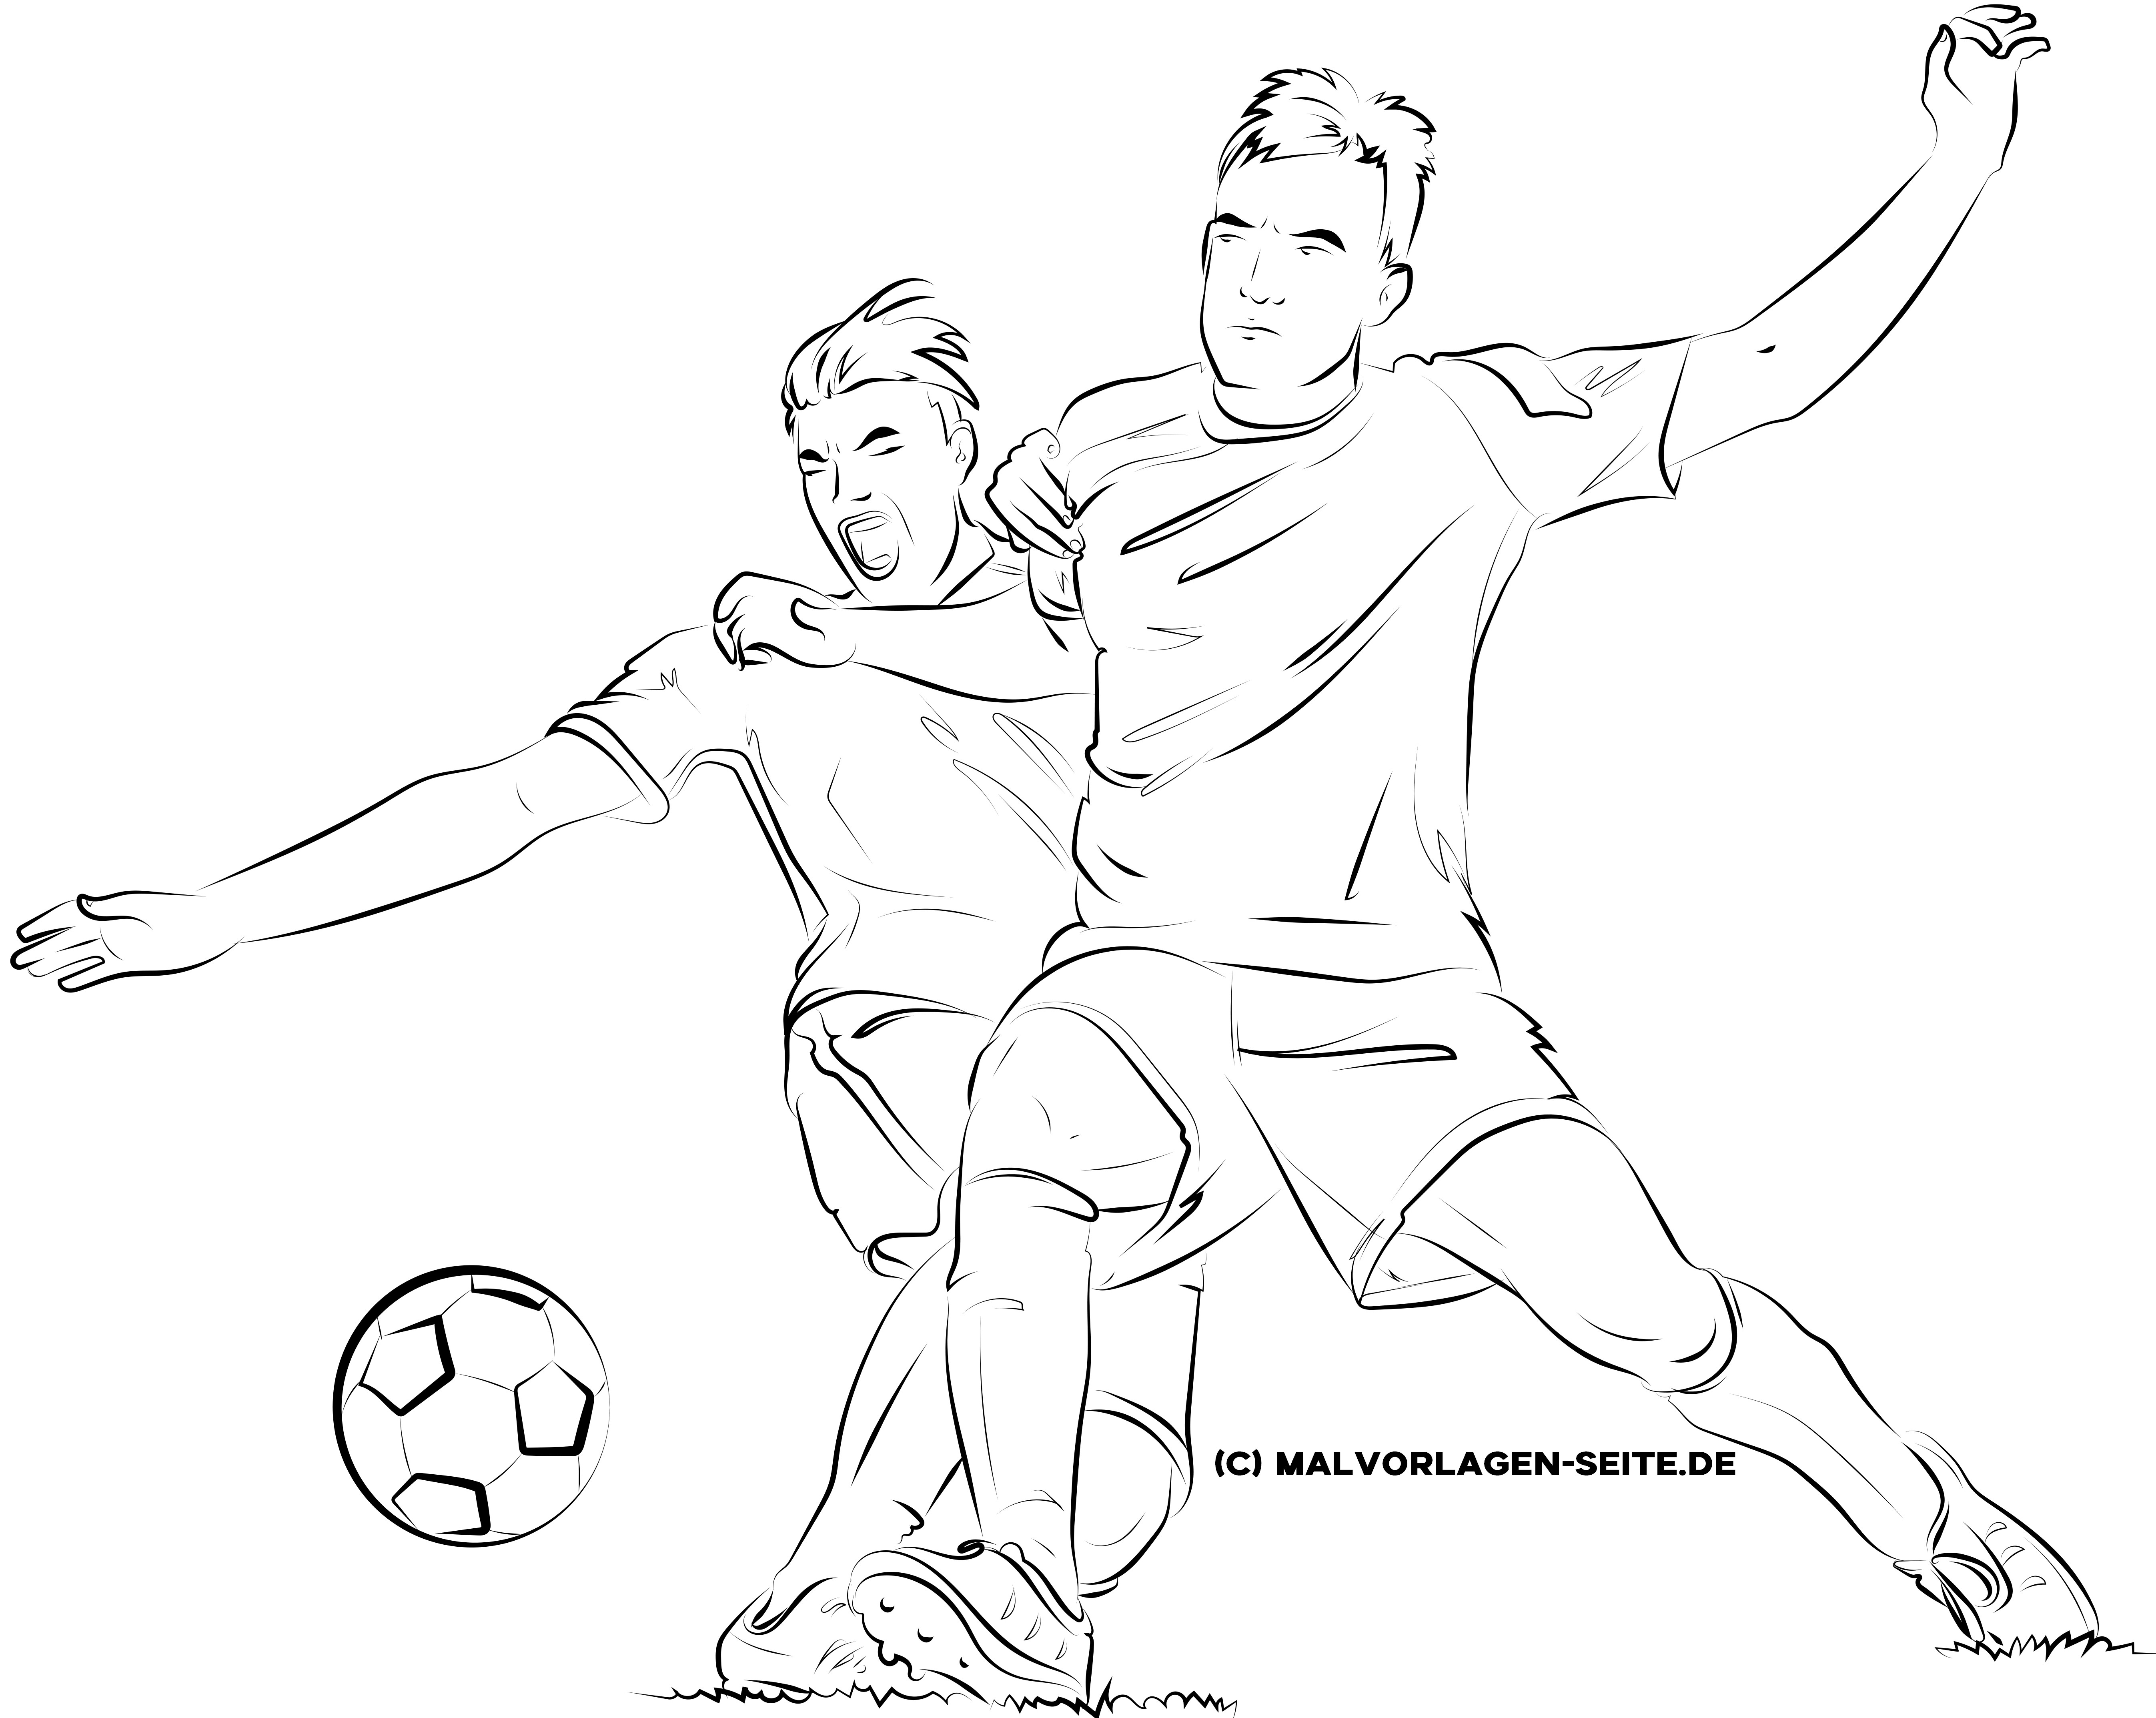 Malvorlage Fußball Für Erwachsene